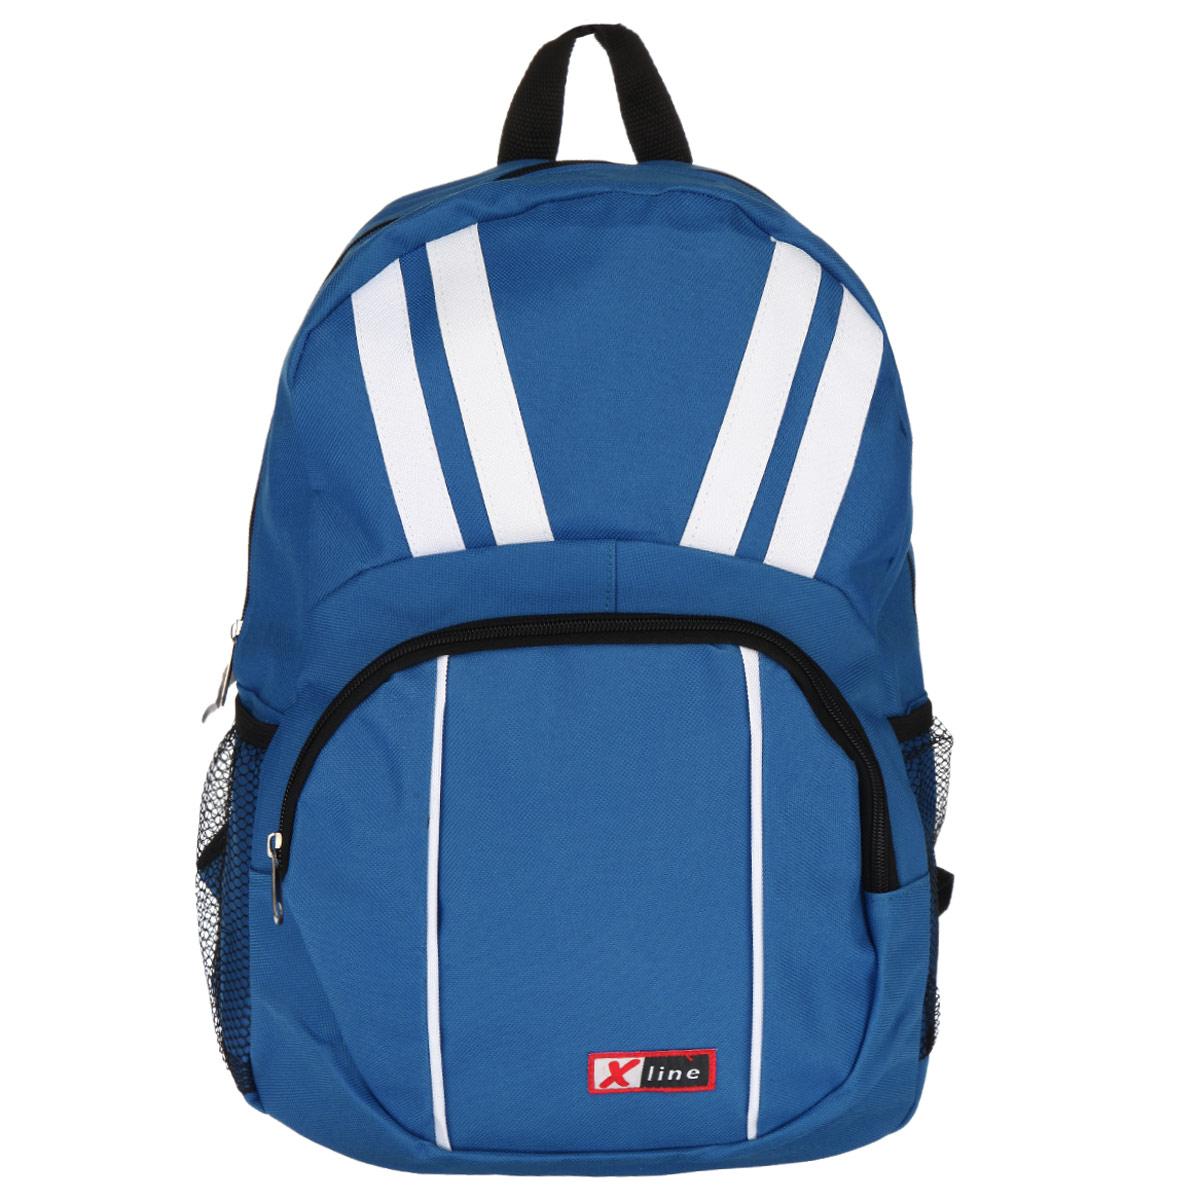 Рюкзак школьный Proff X-line, цвет: голубой, белый. XL14-139-1DXL14-139-1DРюкзак школьный Proff X-line станет отличным помощником в учебе. Он изготовлен из прочного полиэстера голубого цвета с белыми полосами. Рюкзак имеет одно основное отделение, которое закрывается на молнию. Снаружи присутствует накладной карман на молнии, а также два боковых сетчатых кармана.